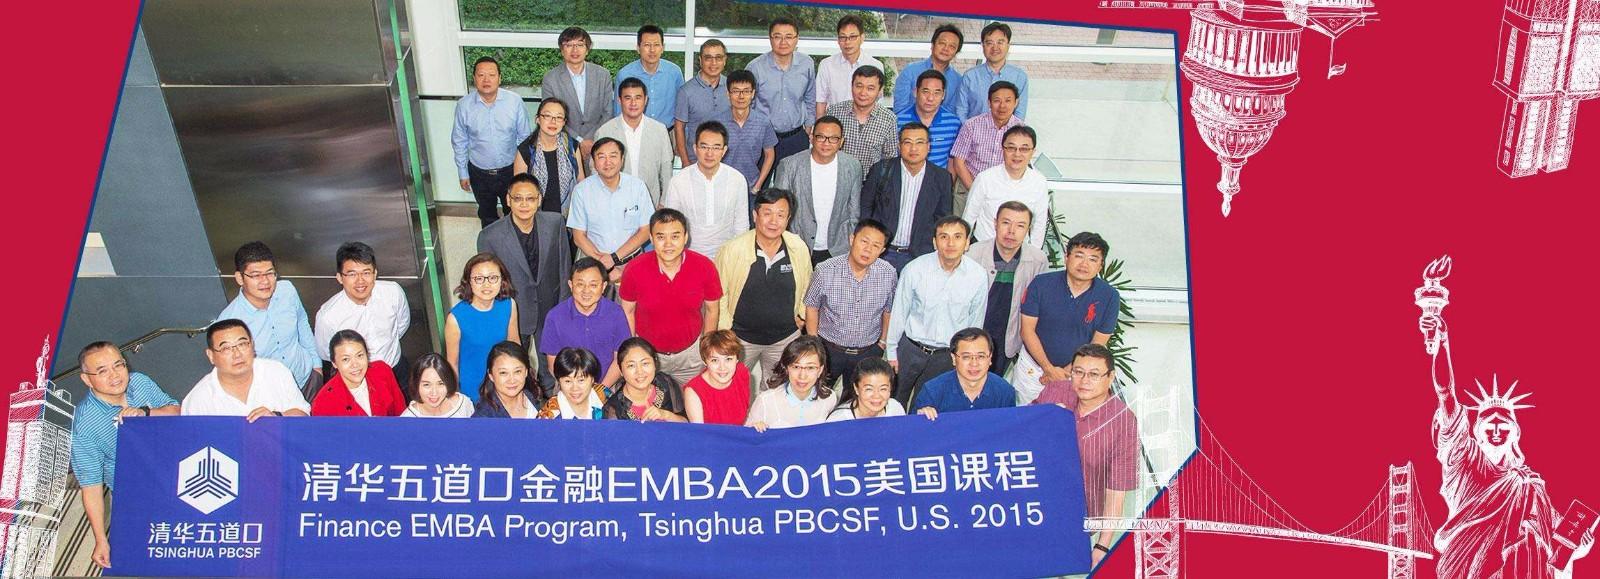 清华五道口金融EMBA2015美国课程